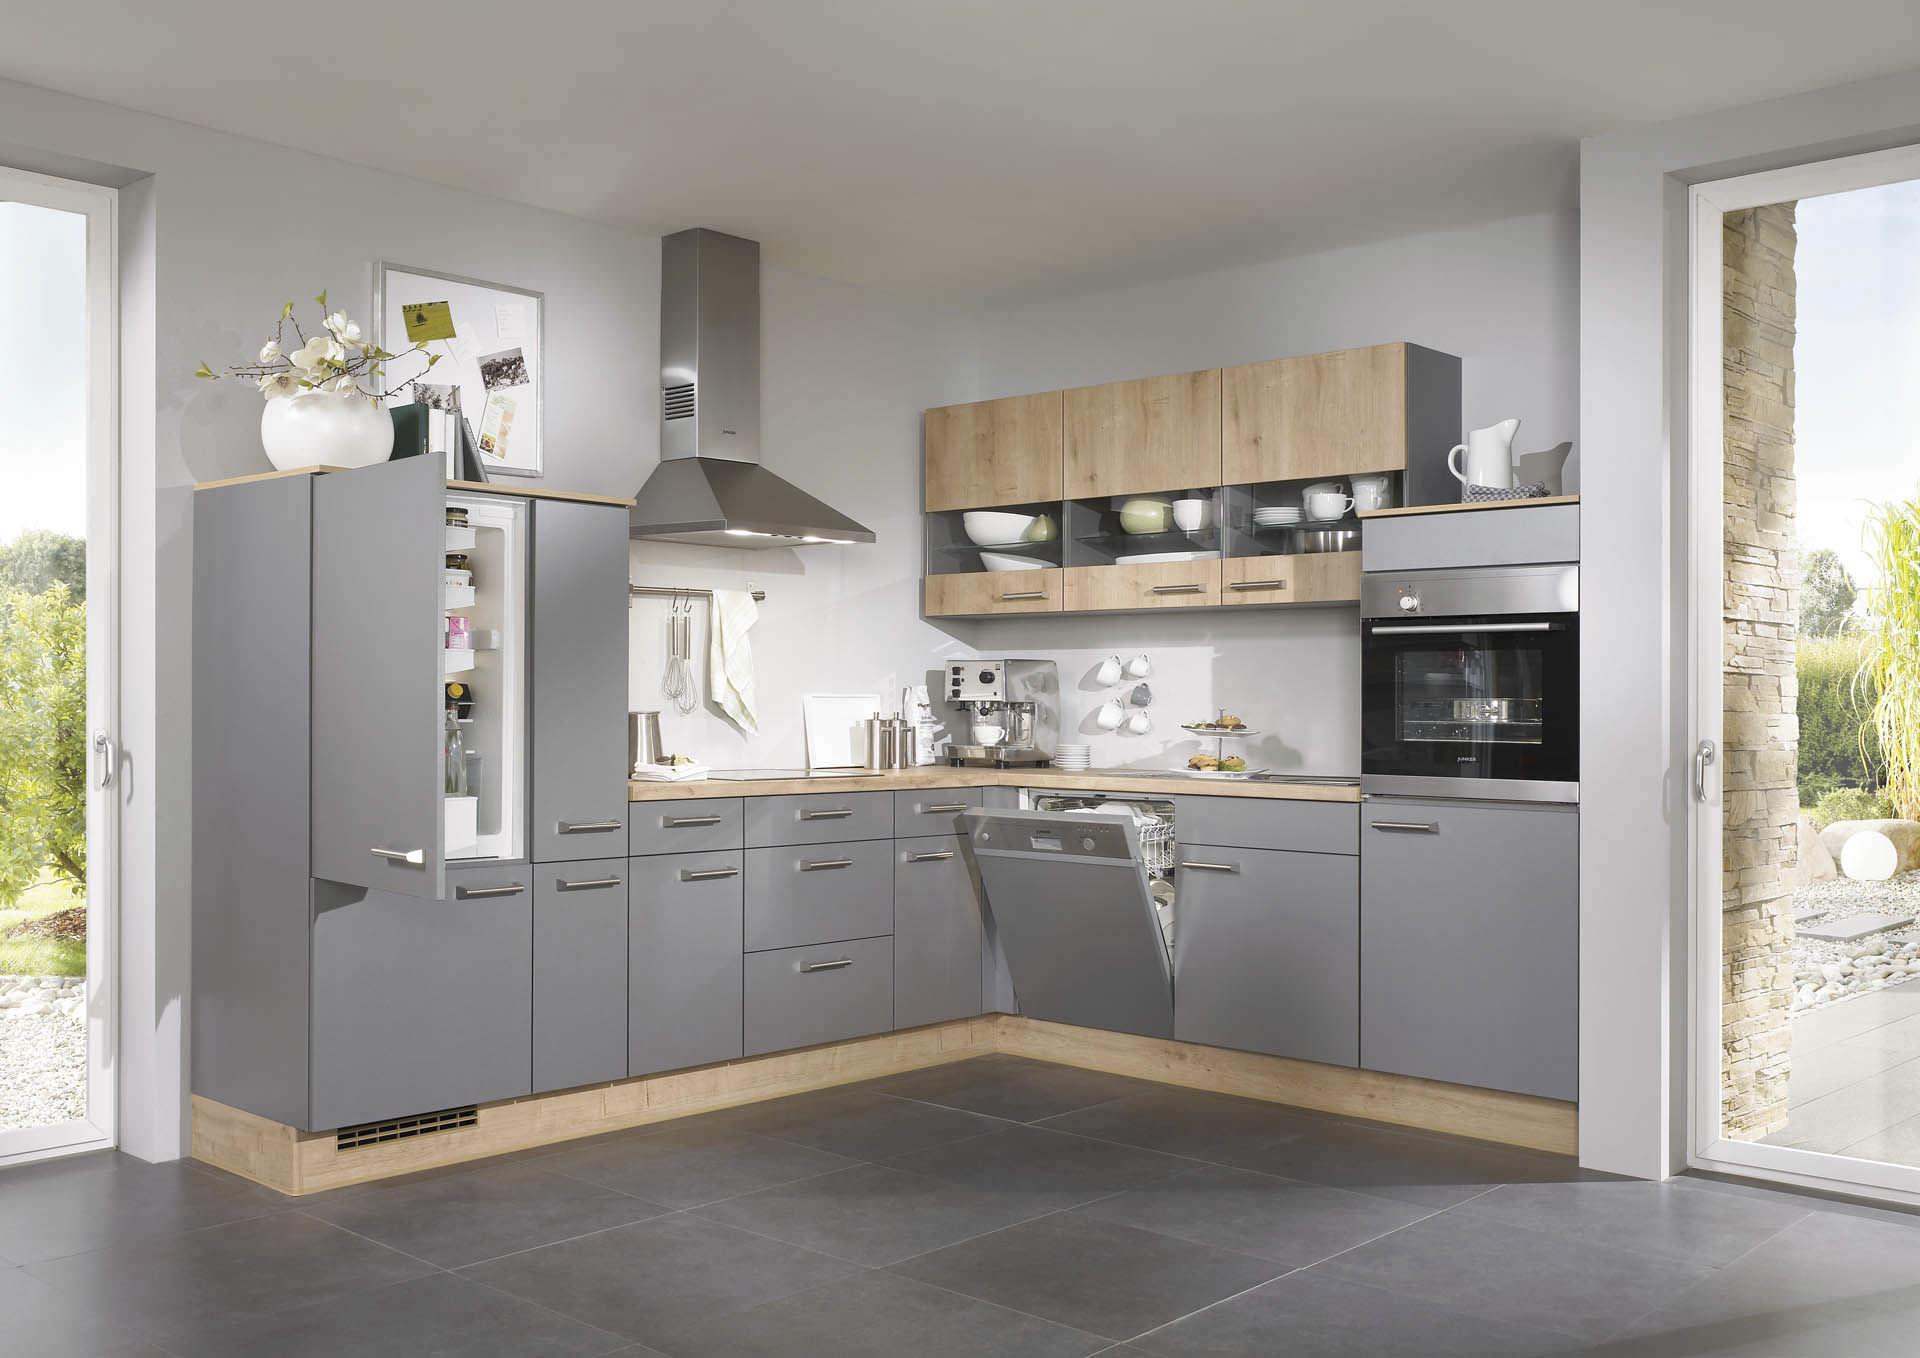 cuisine contemporaine / en plaqué bois / laquée - pia 638 - nobilia